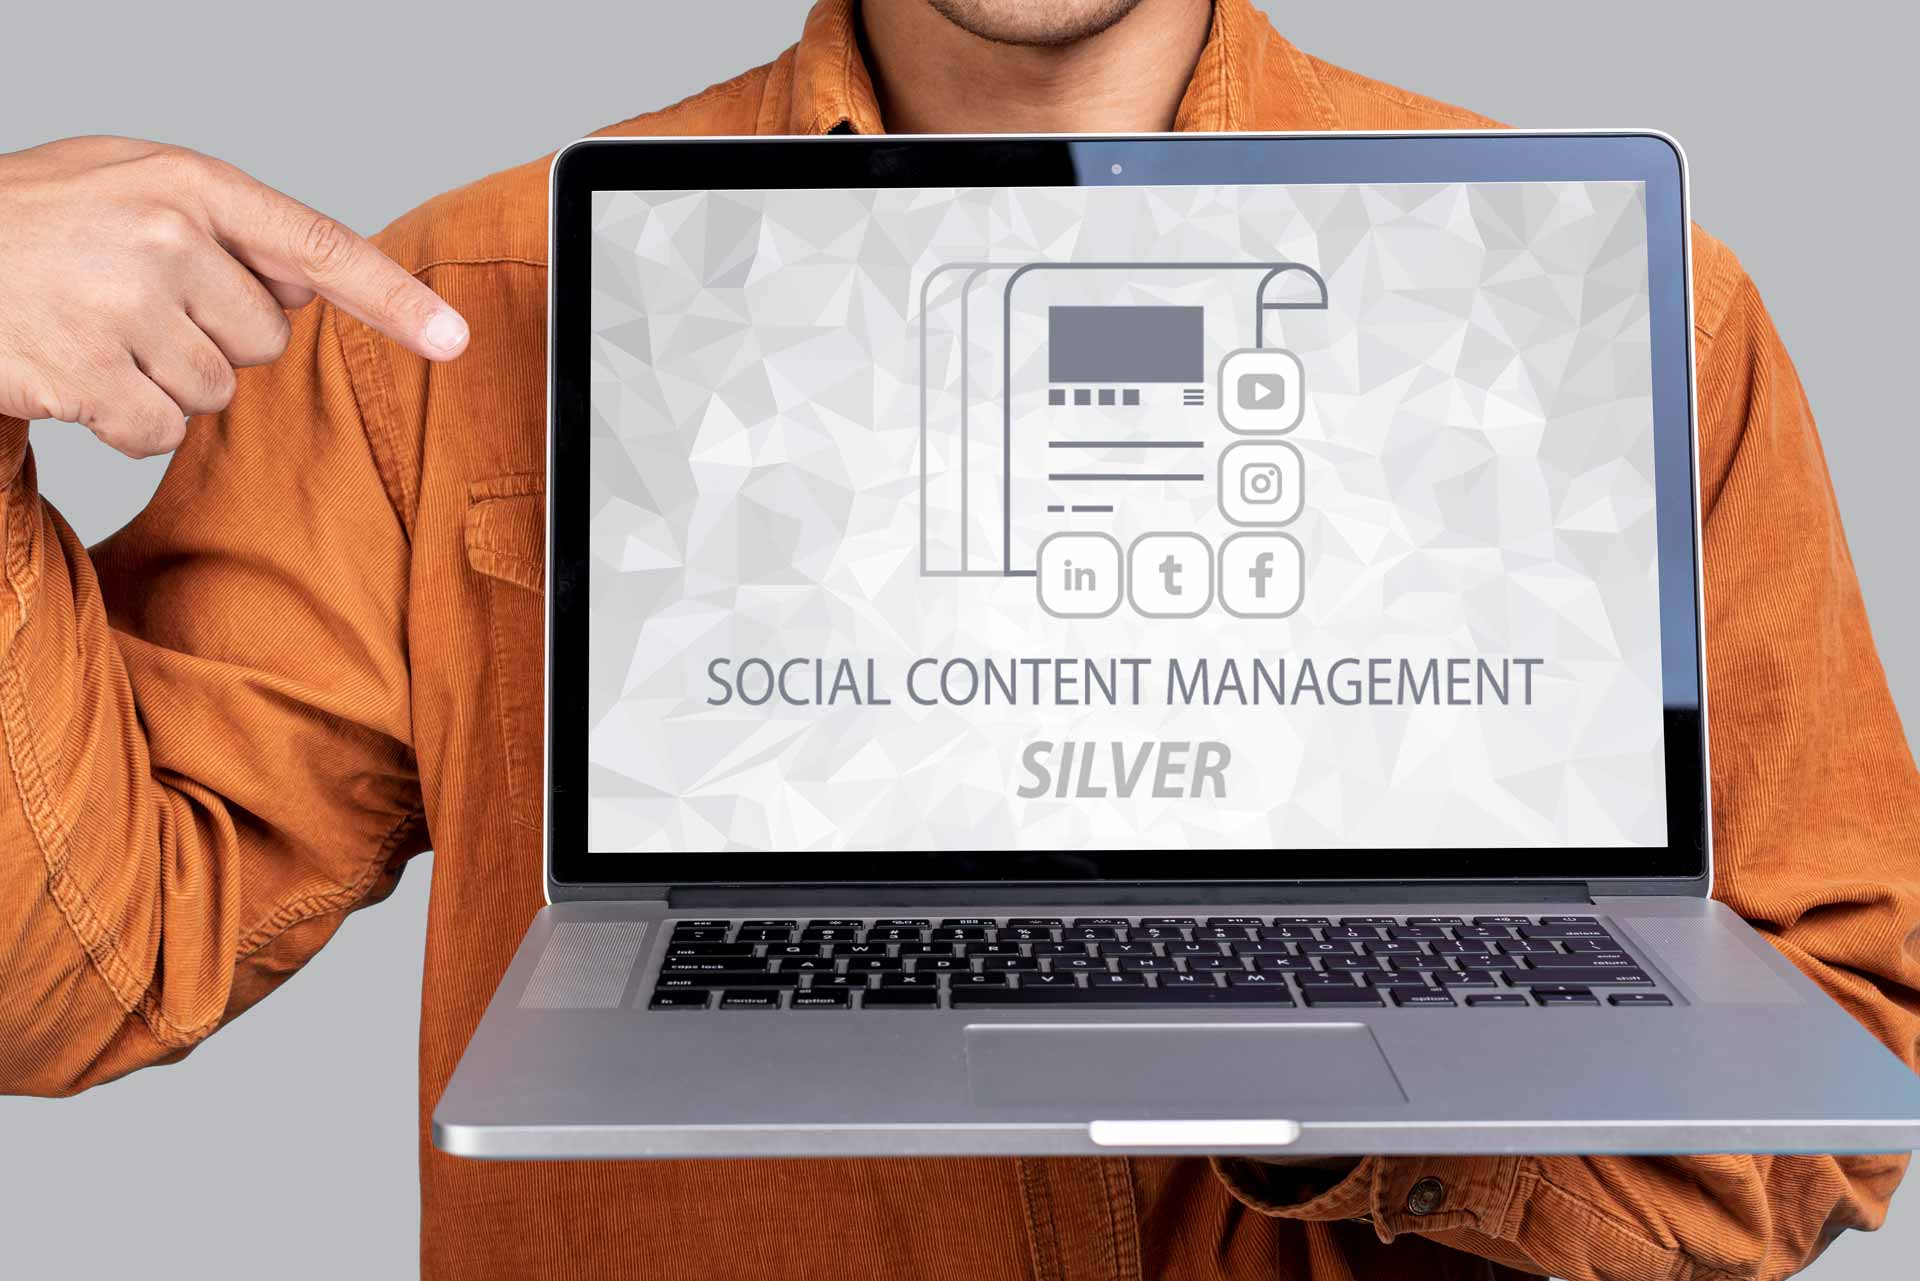 Social-Content-Management-SILVER